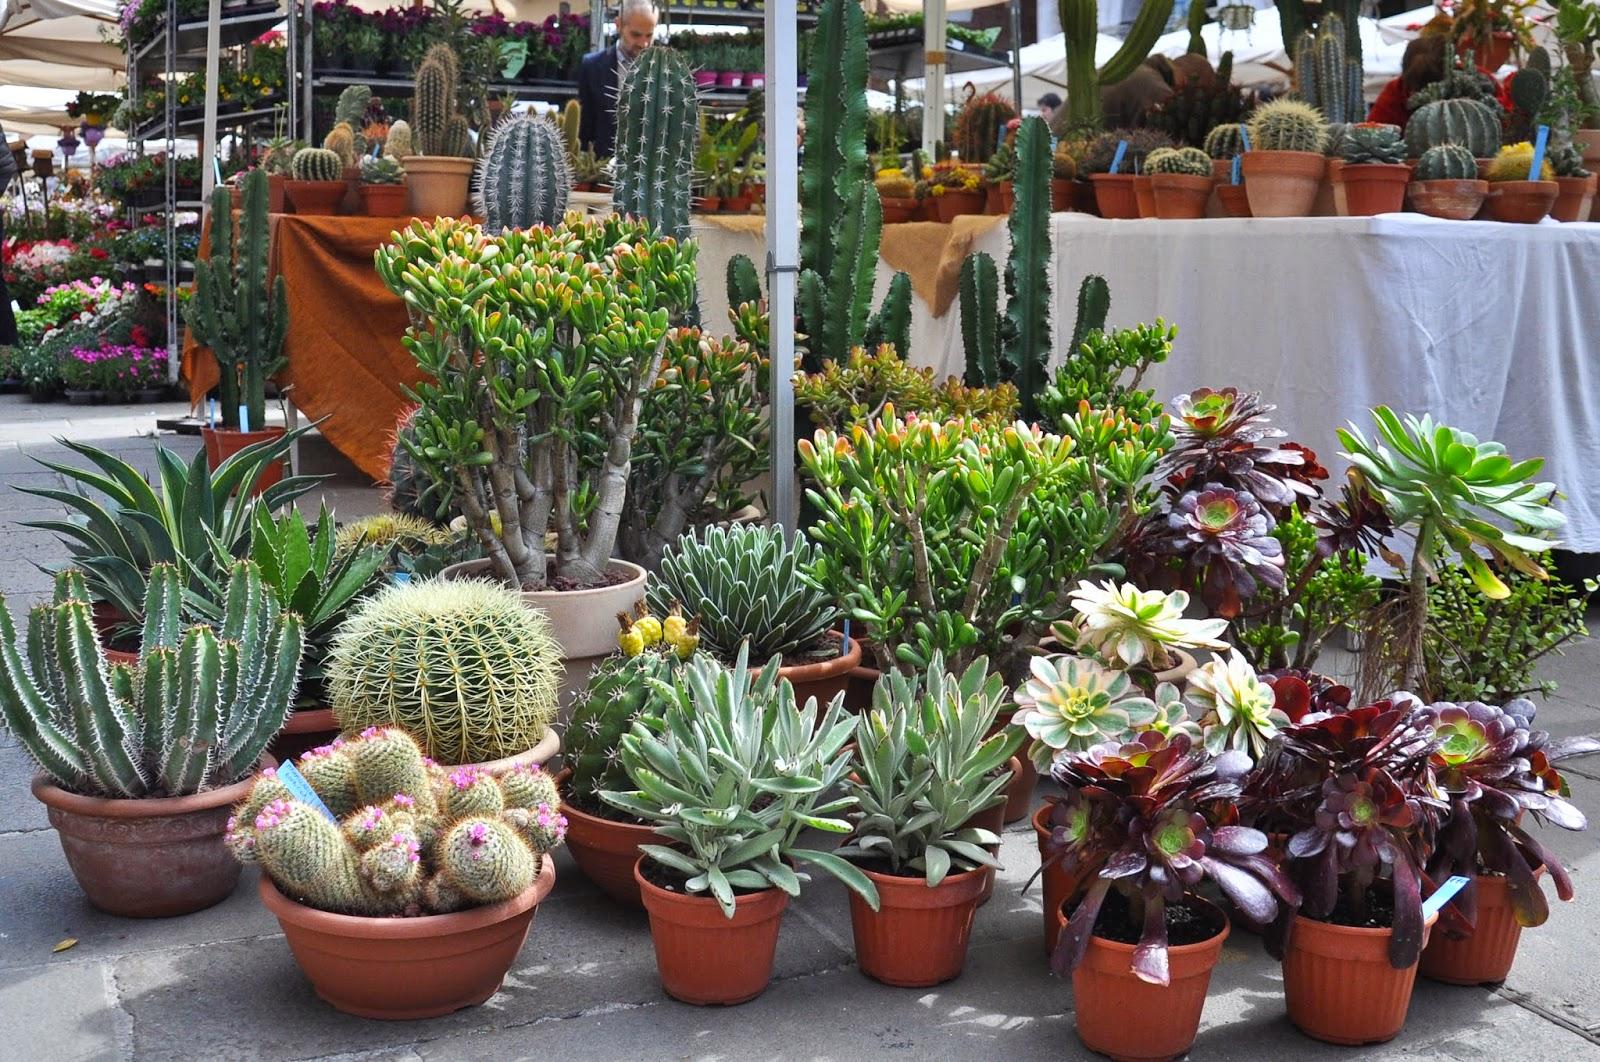 Cacti, 7th Edition of 'Fiori, colori, e...' - Floriculture market show, Vicenza, Italy